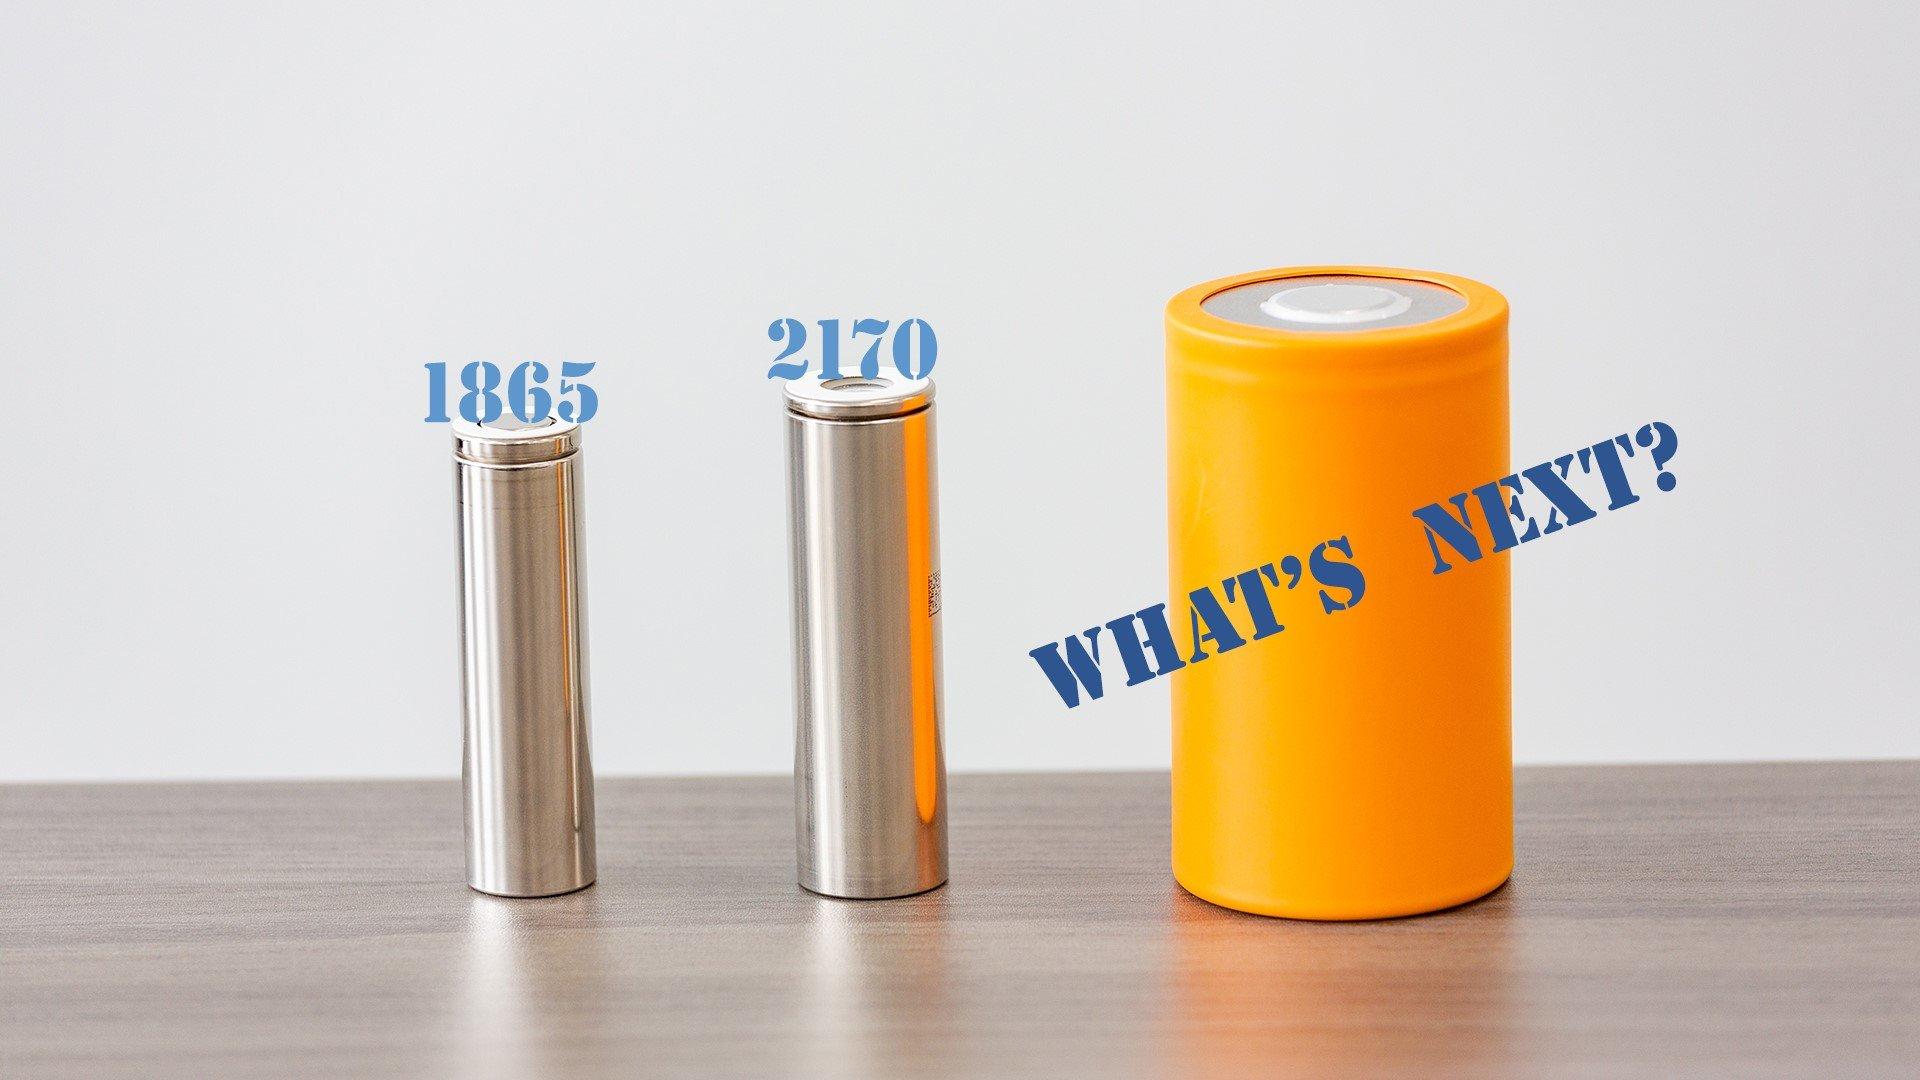 写真:左から1865、2170、そして次世代大型の円筒形車載電池のモック